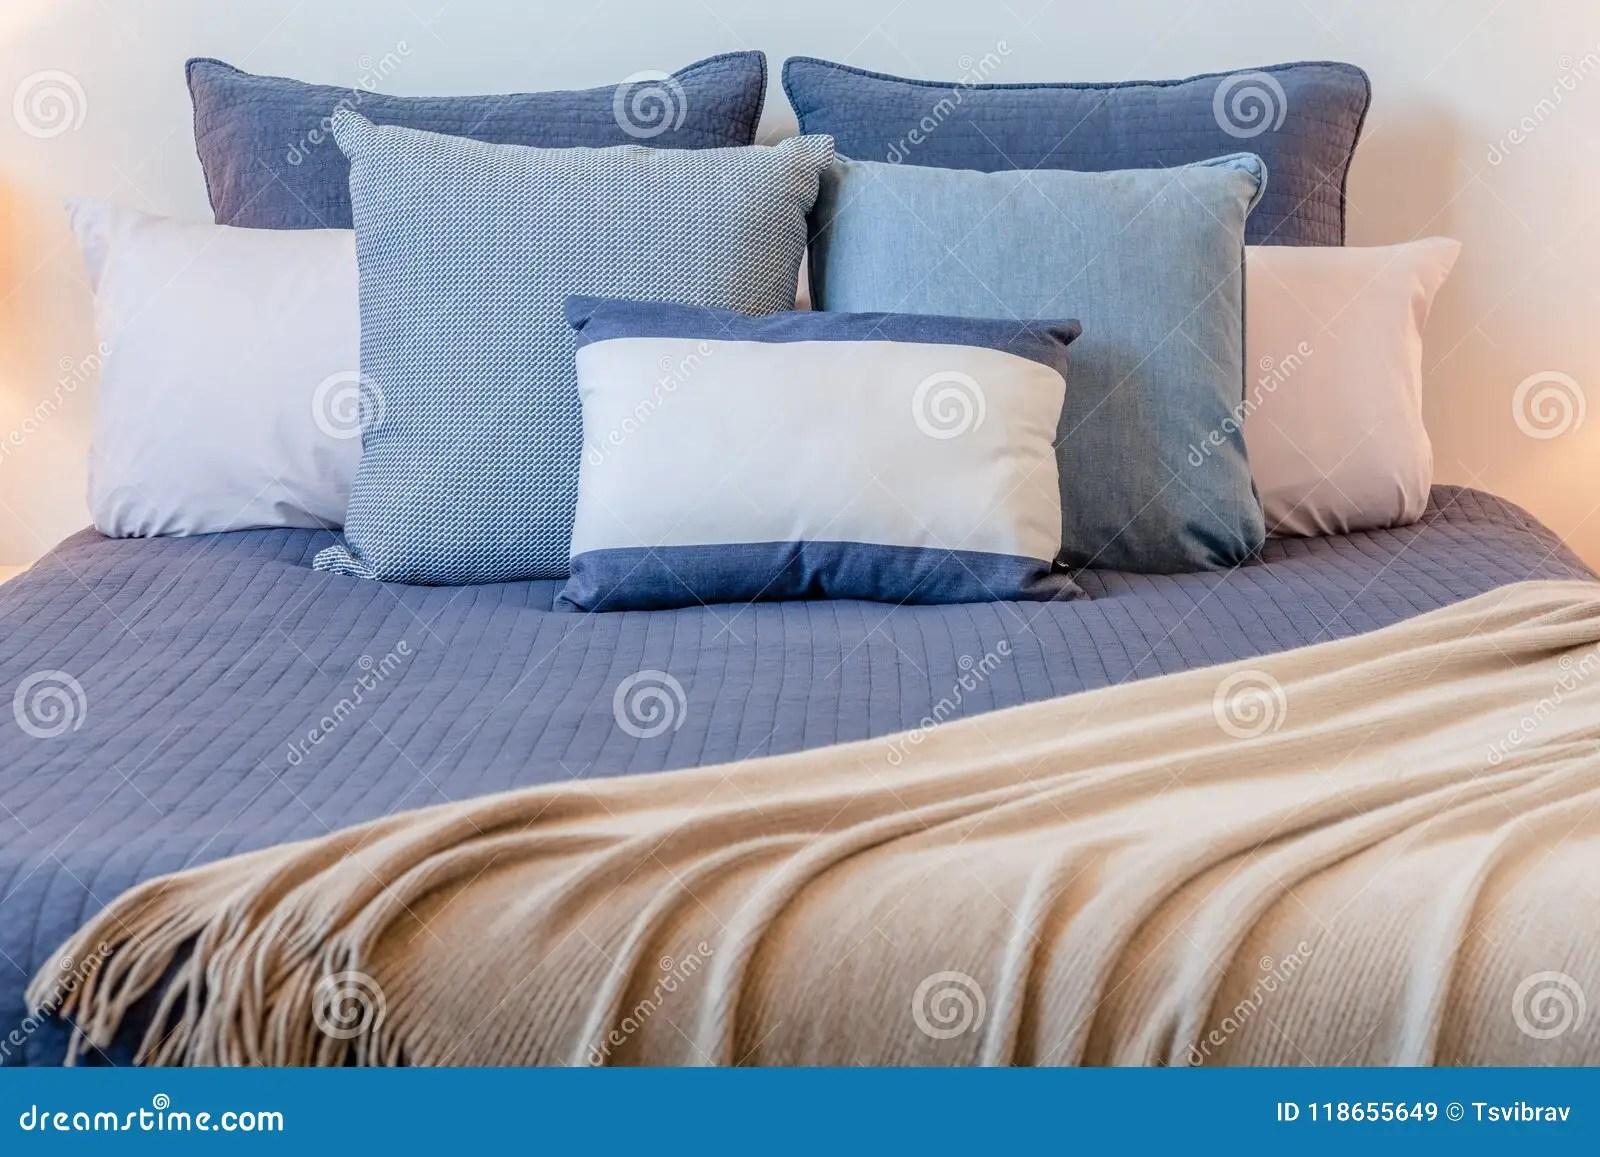 https www dreamstime com arrangement pillows bed bedroom beautiful arrangement pillows bed bedroom copy space image118655649